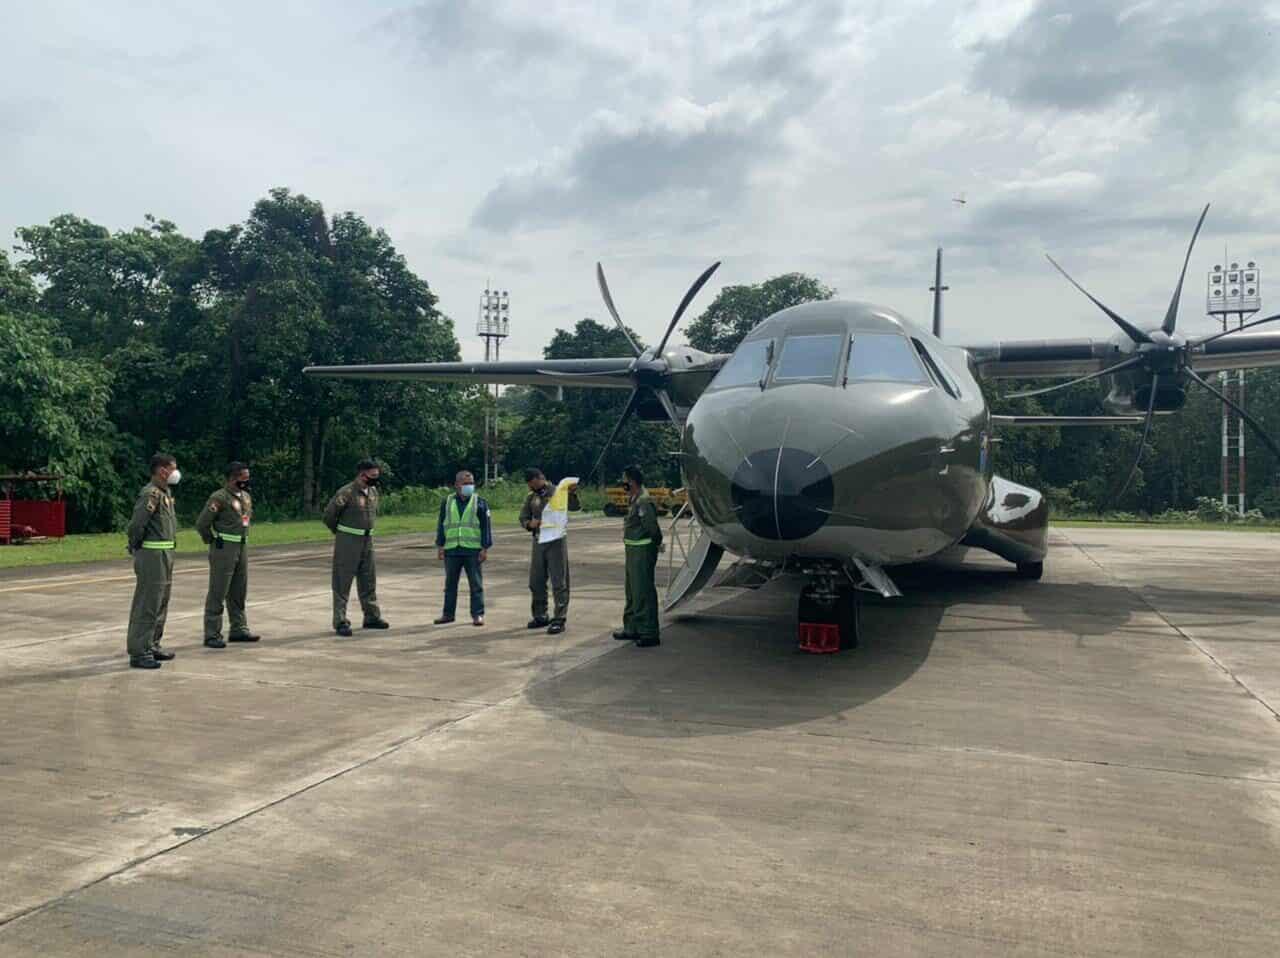 Dukung Program Pemerintah, TNI AU Siagakan Pesawat Untuk TMC